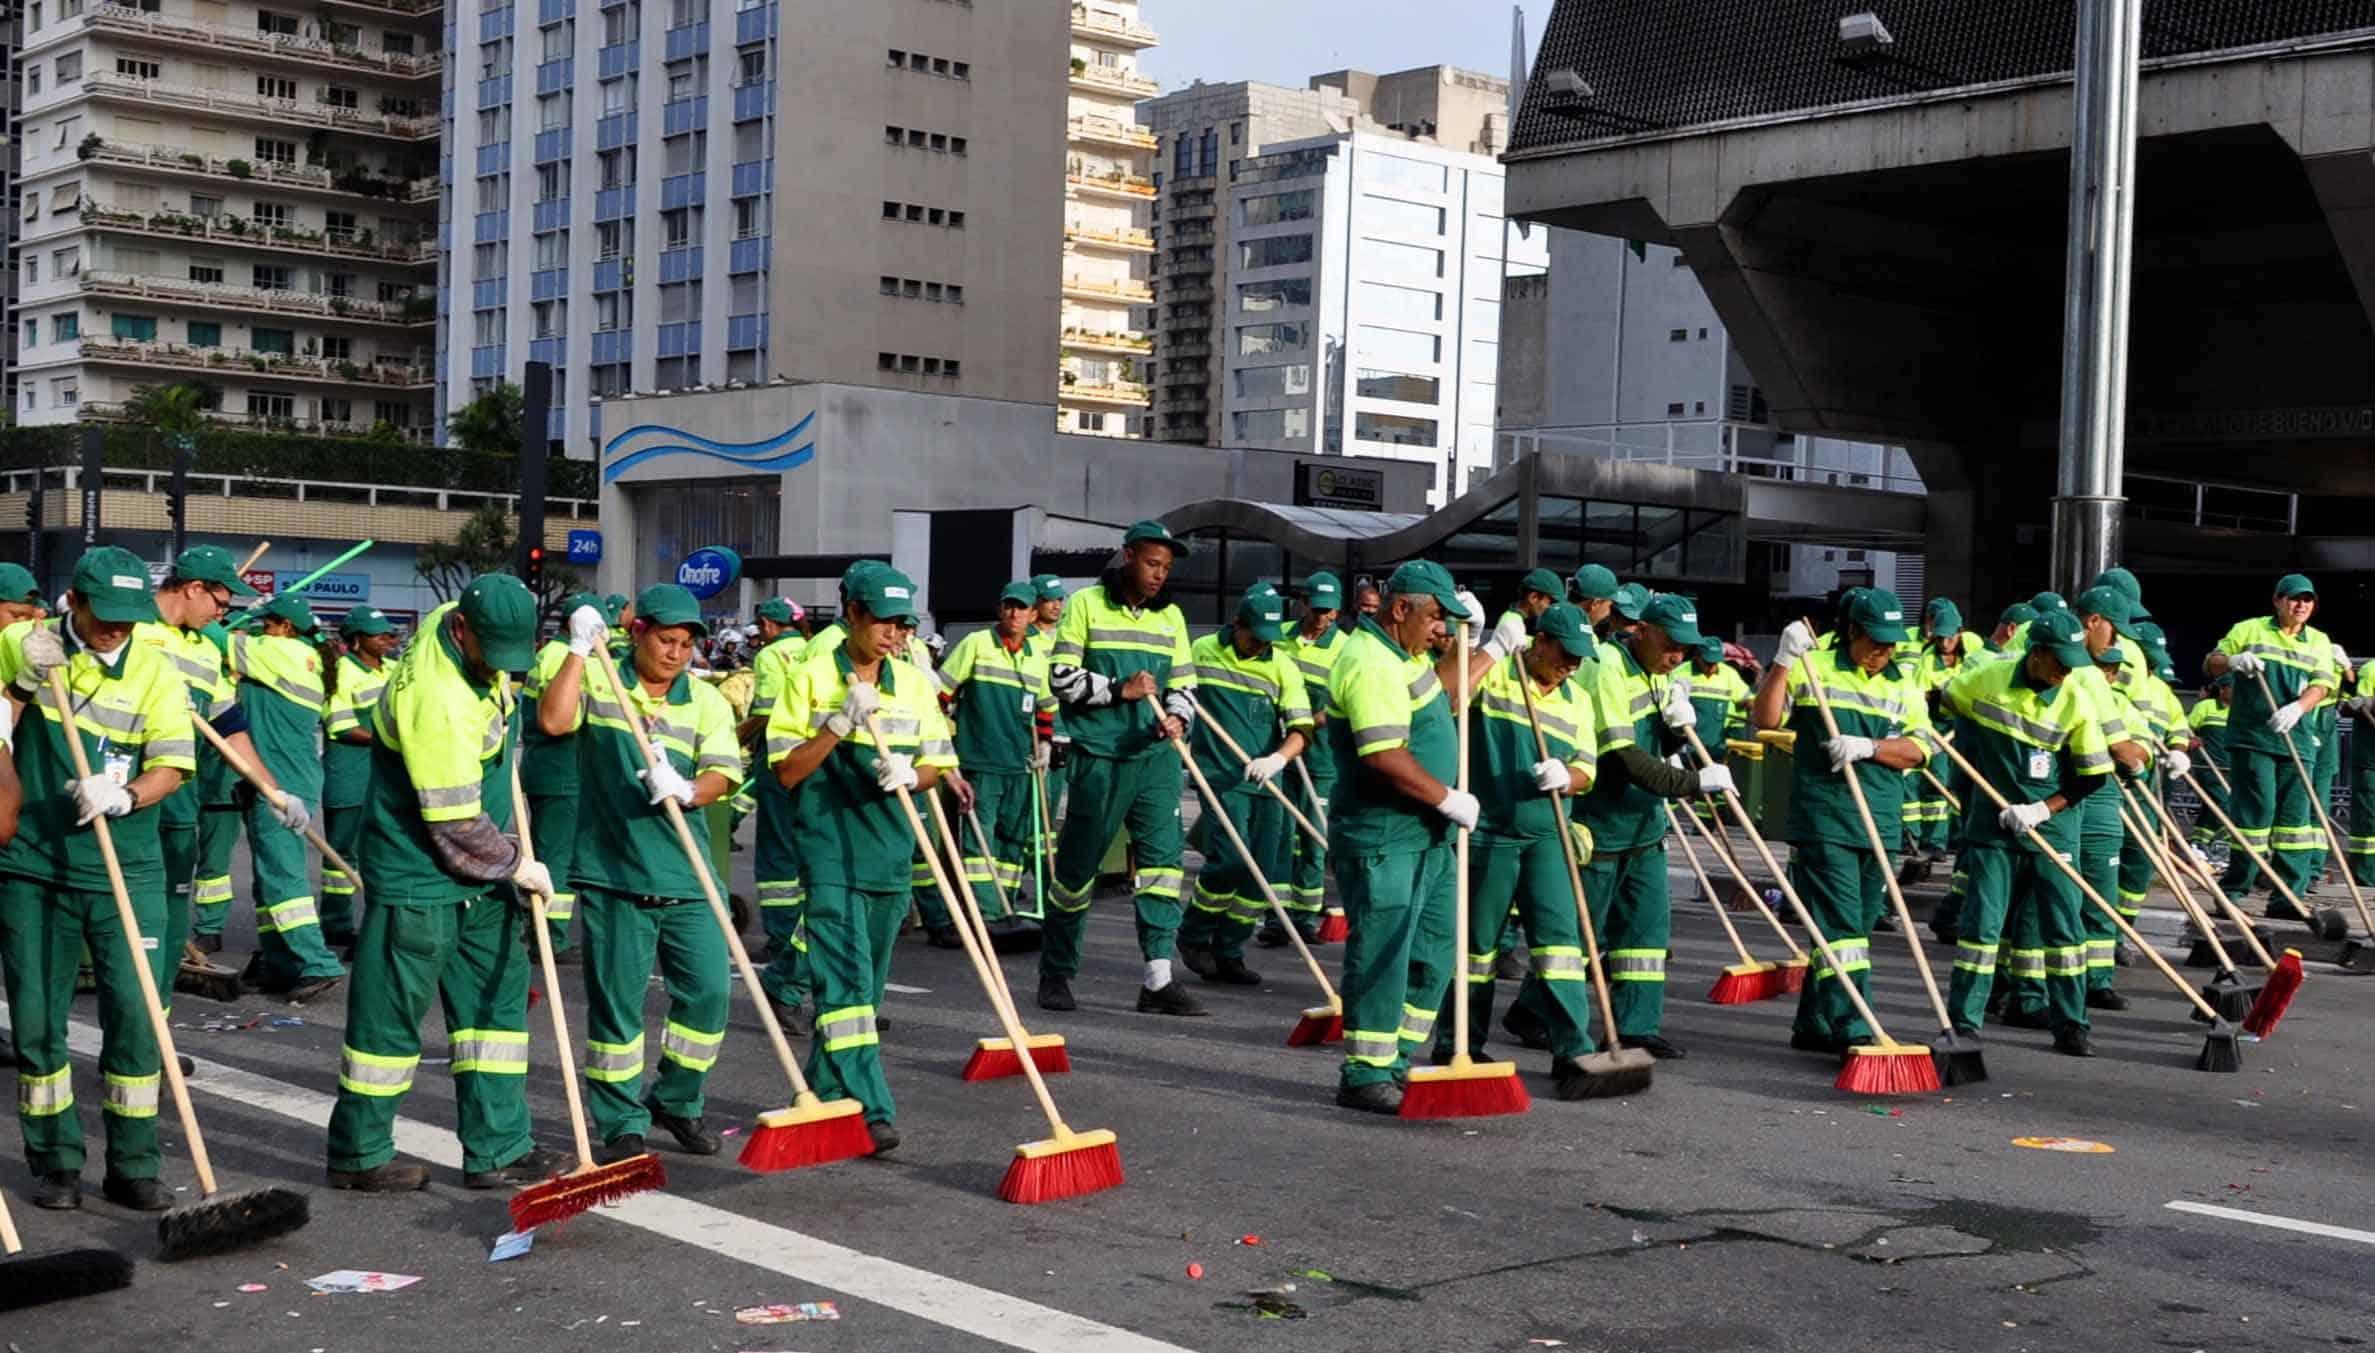 Garis fizeram greve em SP